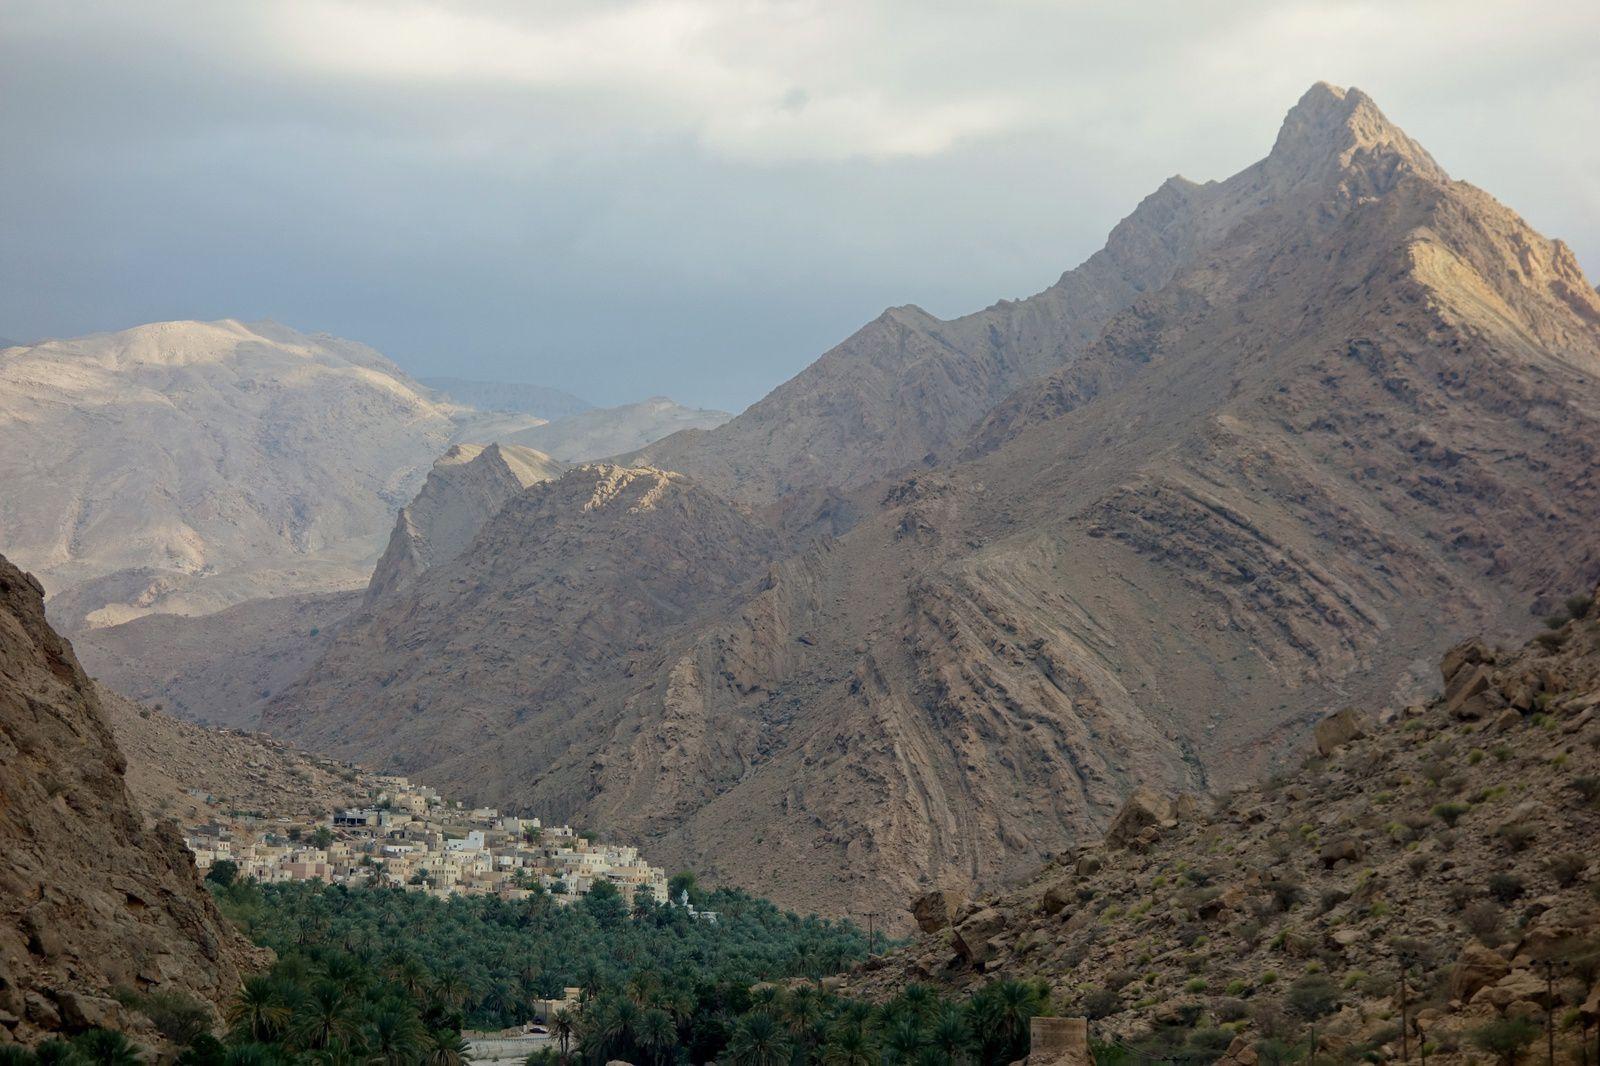 Une oasis planquée dans les montagnes au coeur du désert